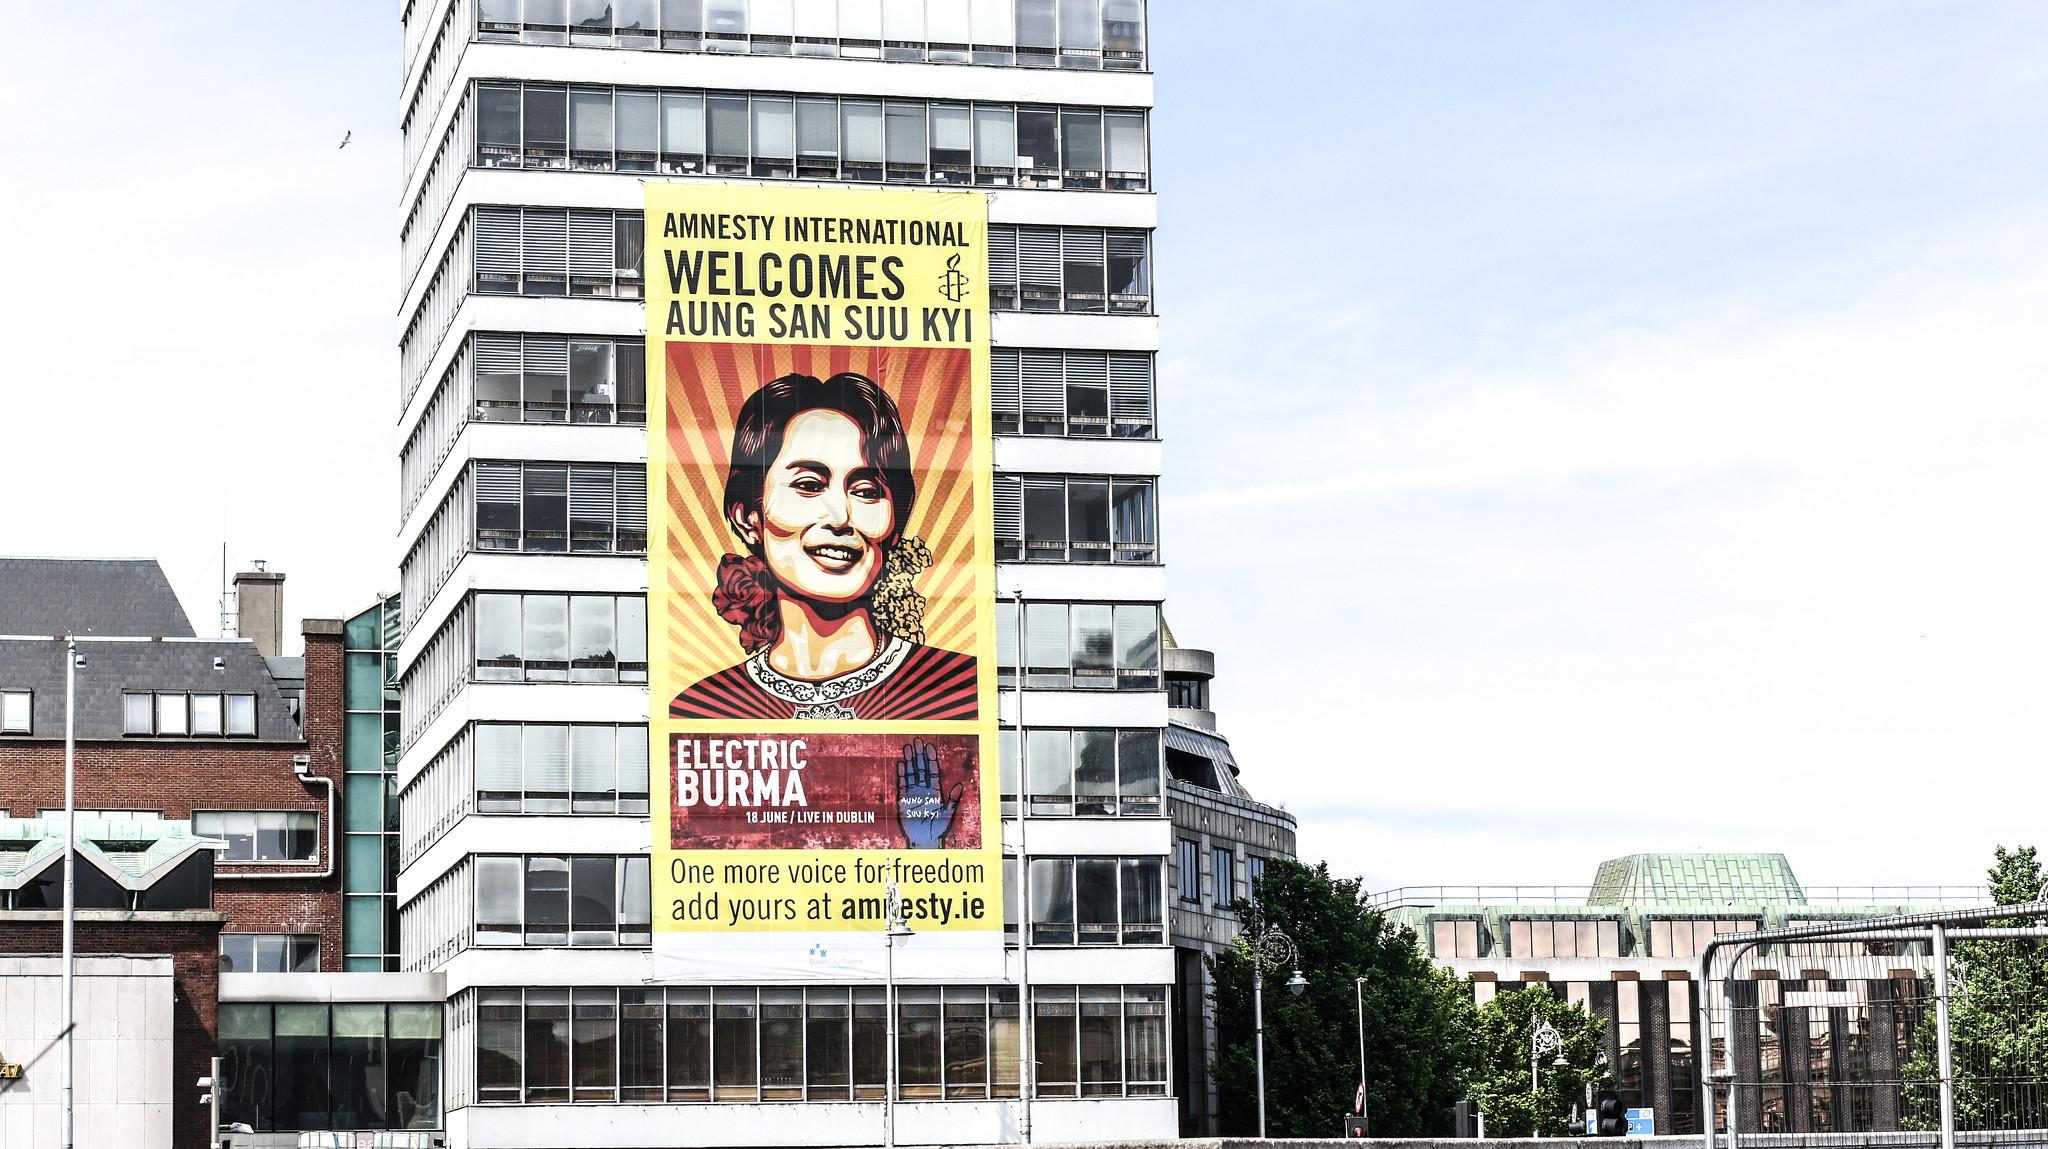 nella foto a colori si vede un edificio sul quale è stato affisso un poster di Amnesty International con l'immagine della leader Aung San Suu Kyi